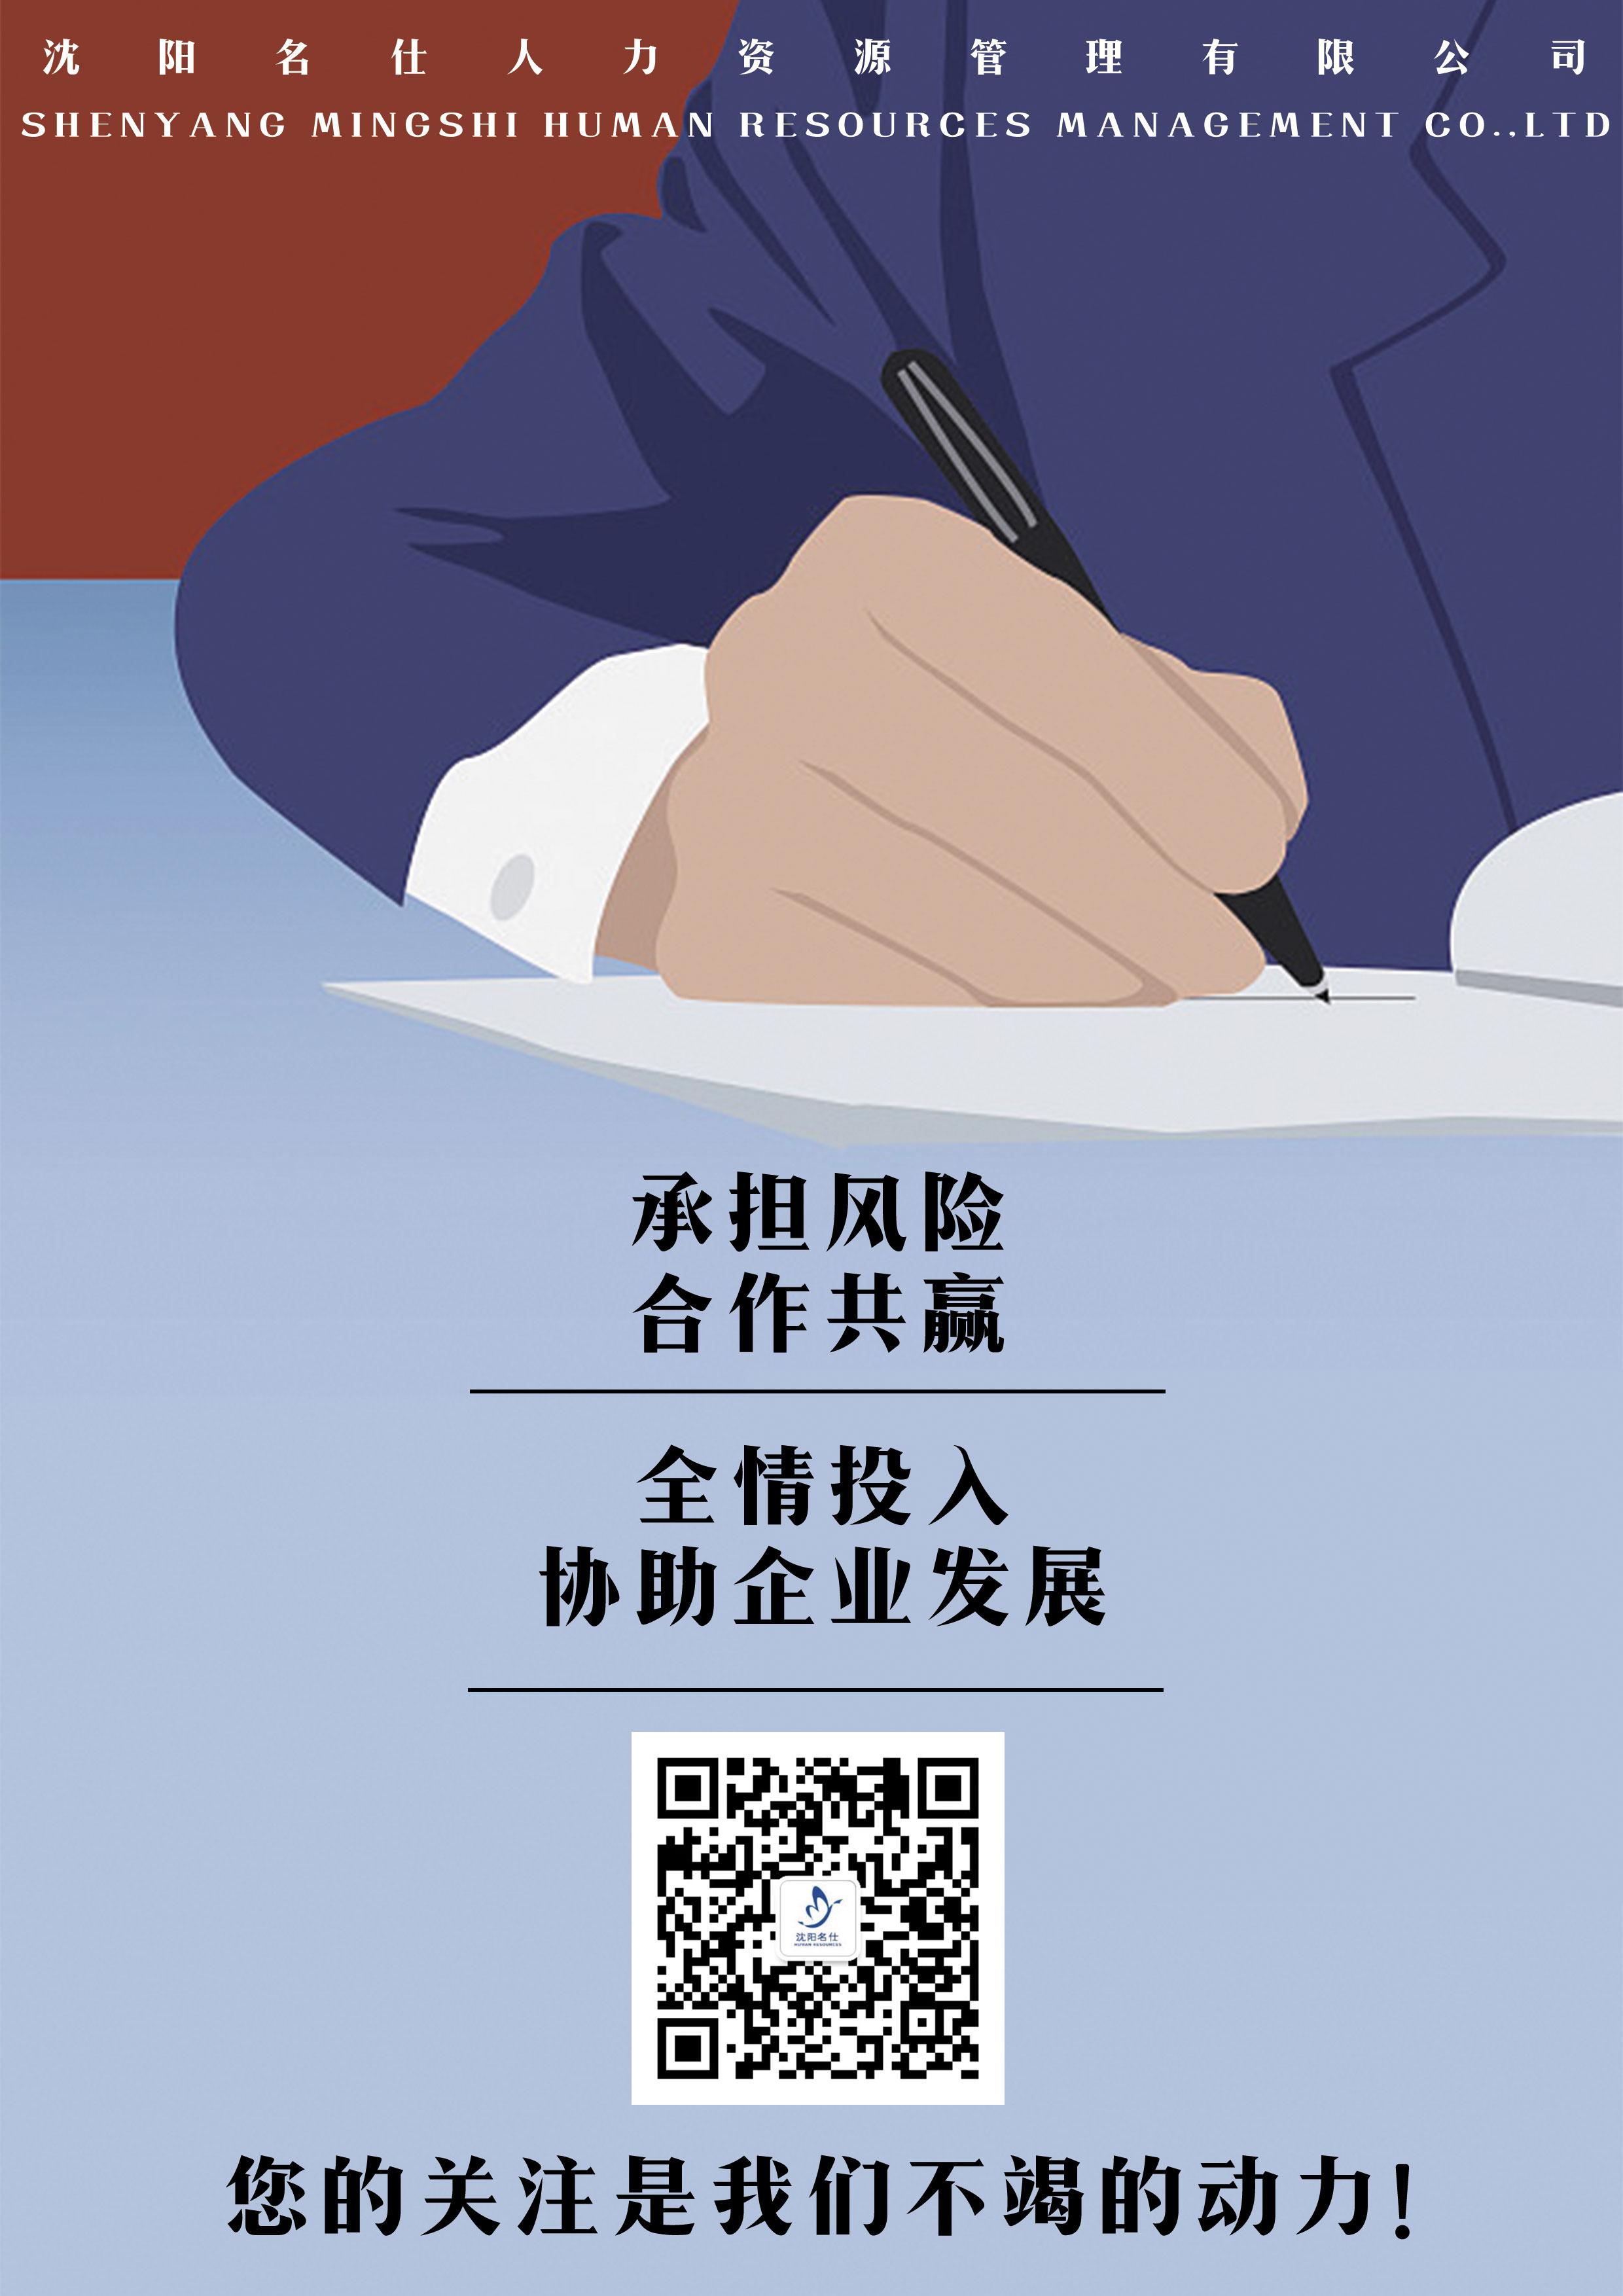 企业海报01.jpg